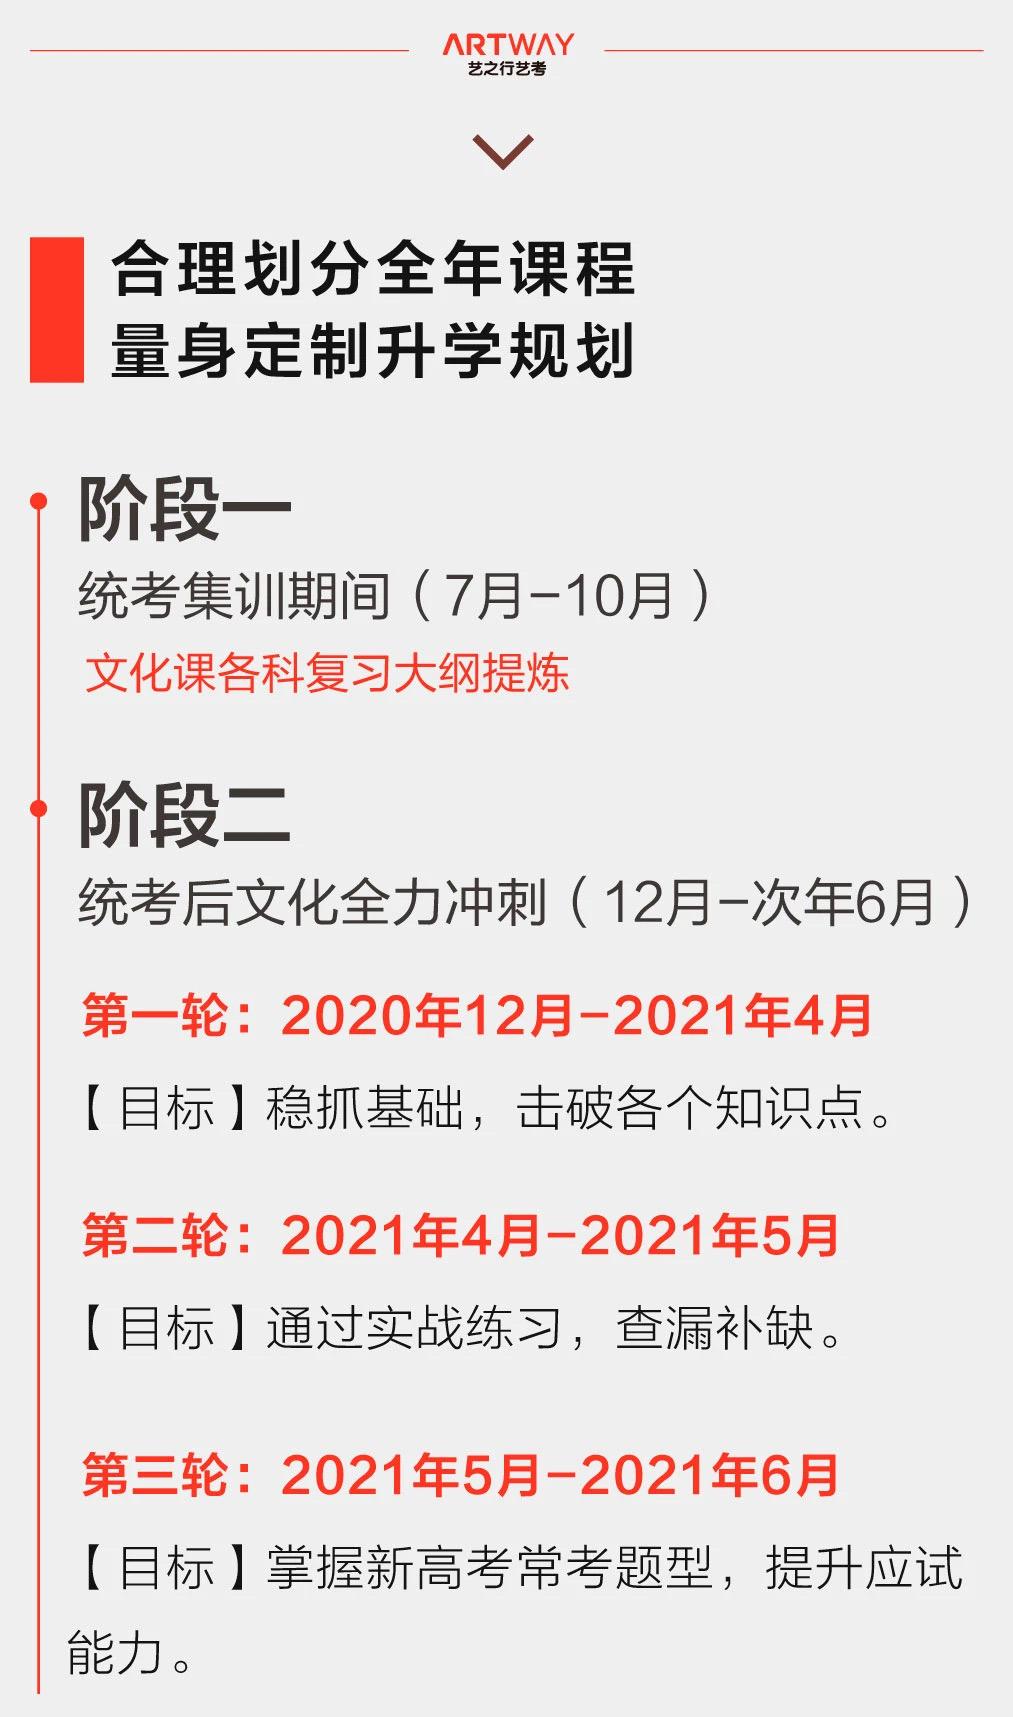 2022届艺之行艺考统考集训招生简章附图5